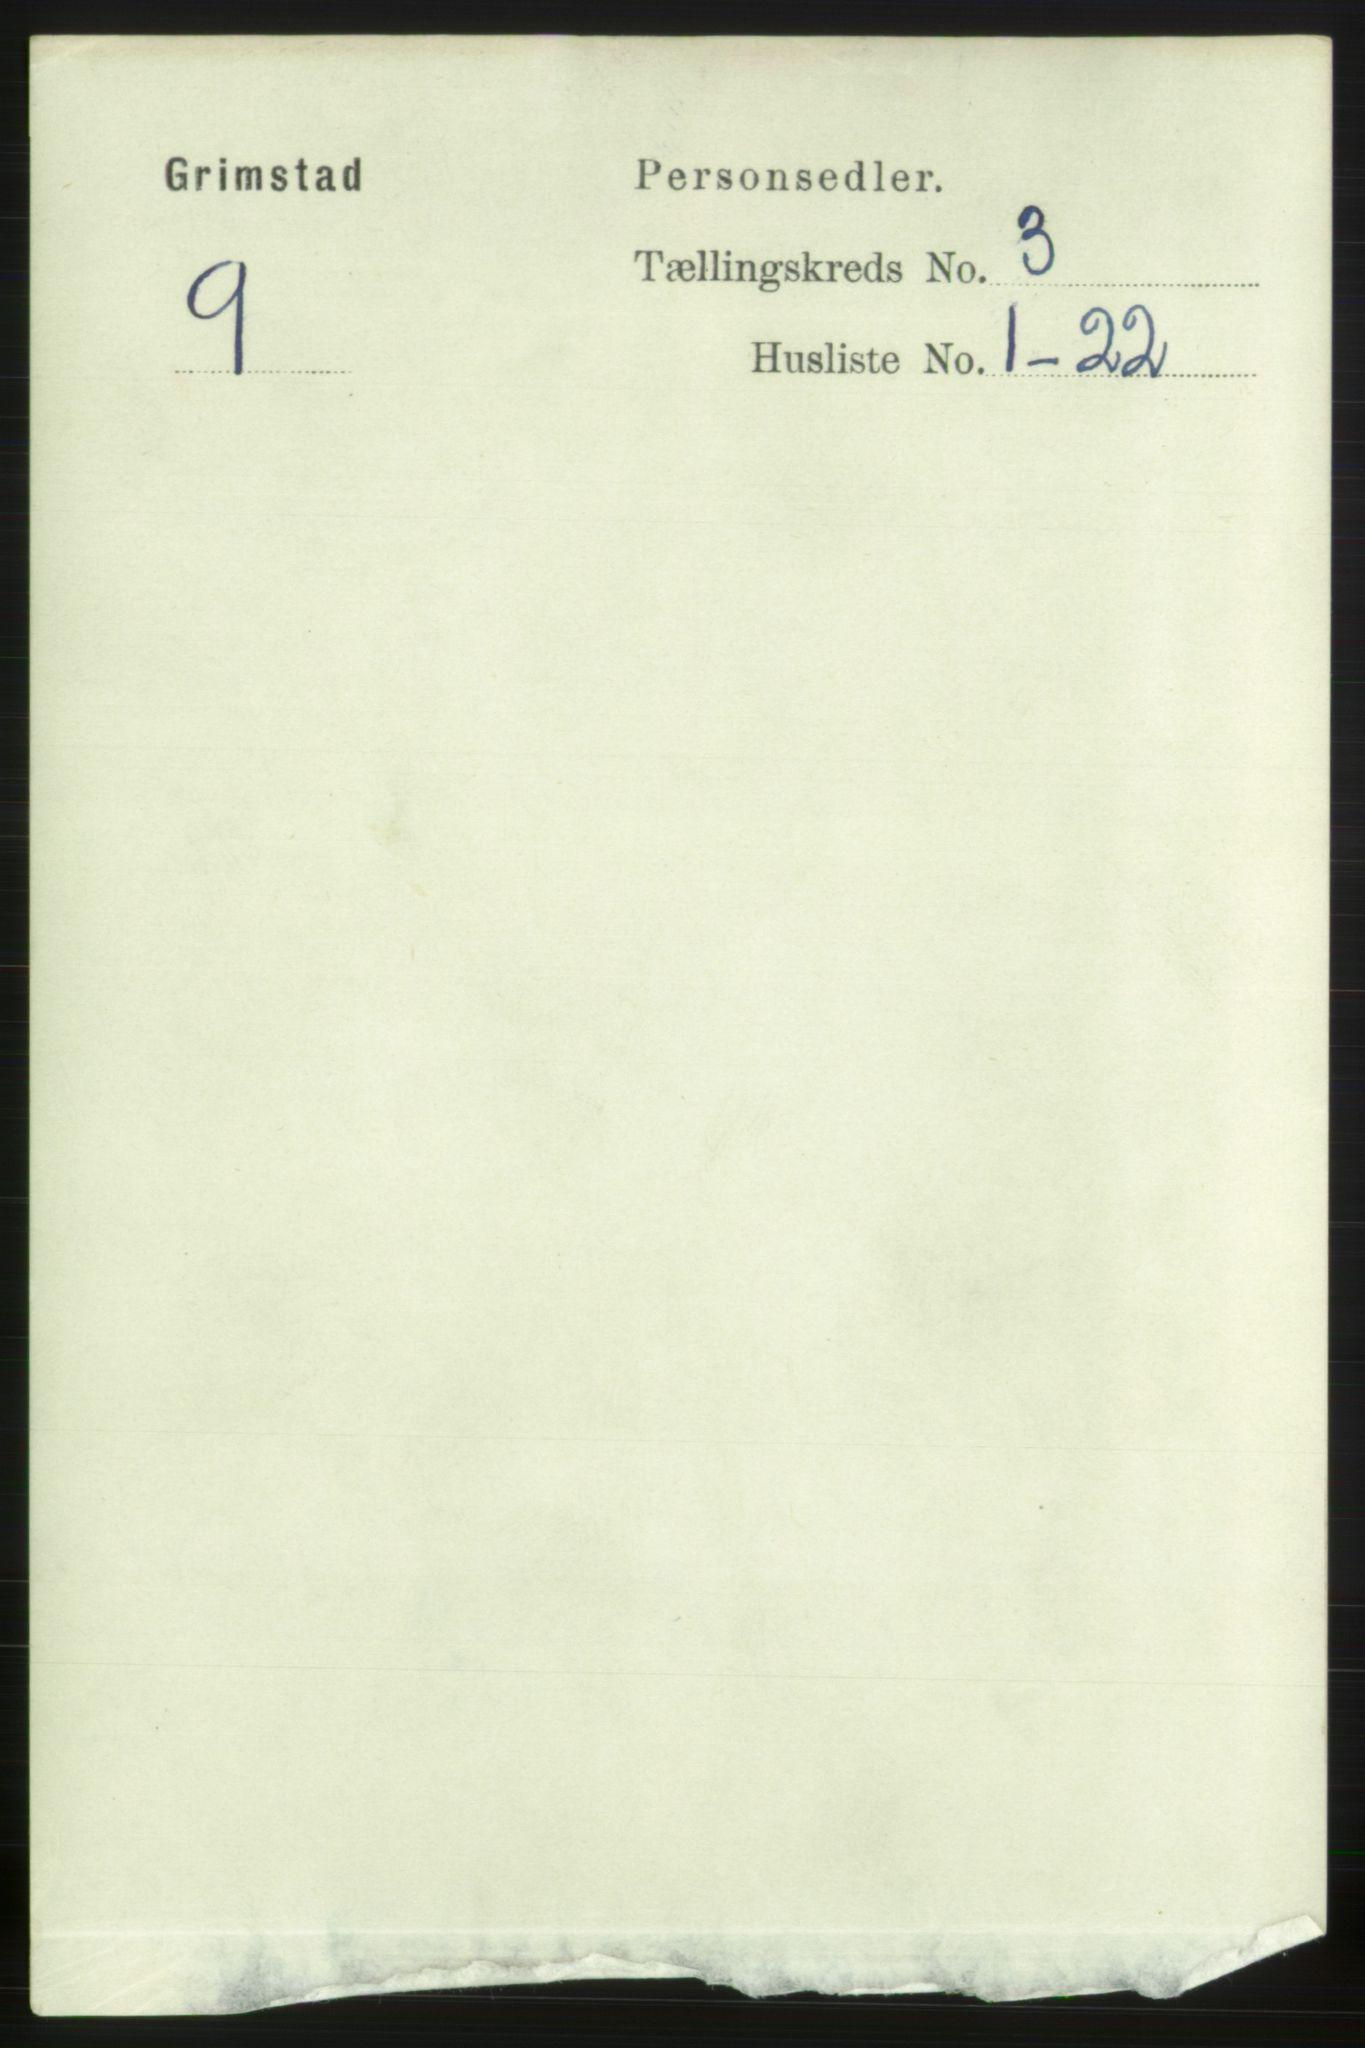 RA, Folketelling 1891 for 0904 Grimstad kjøpstad, 1891, s. 1995